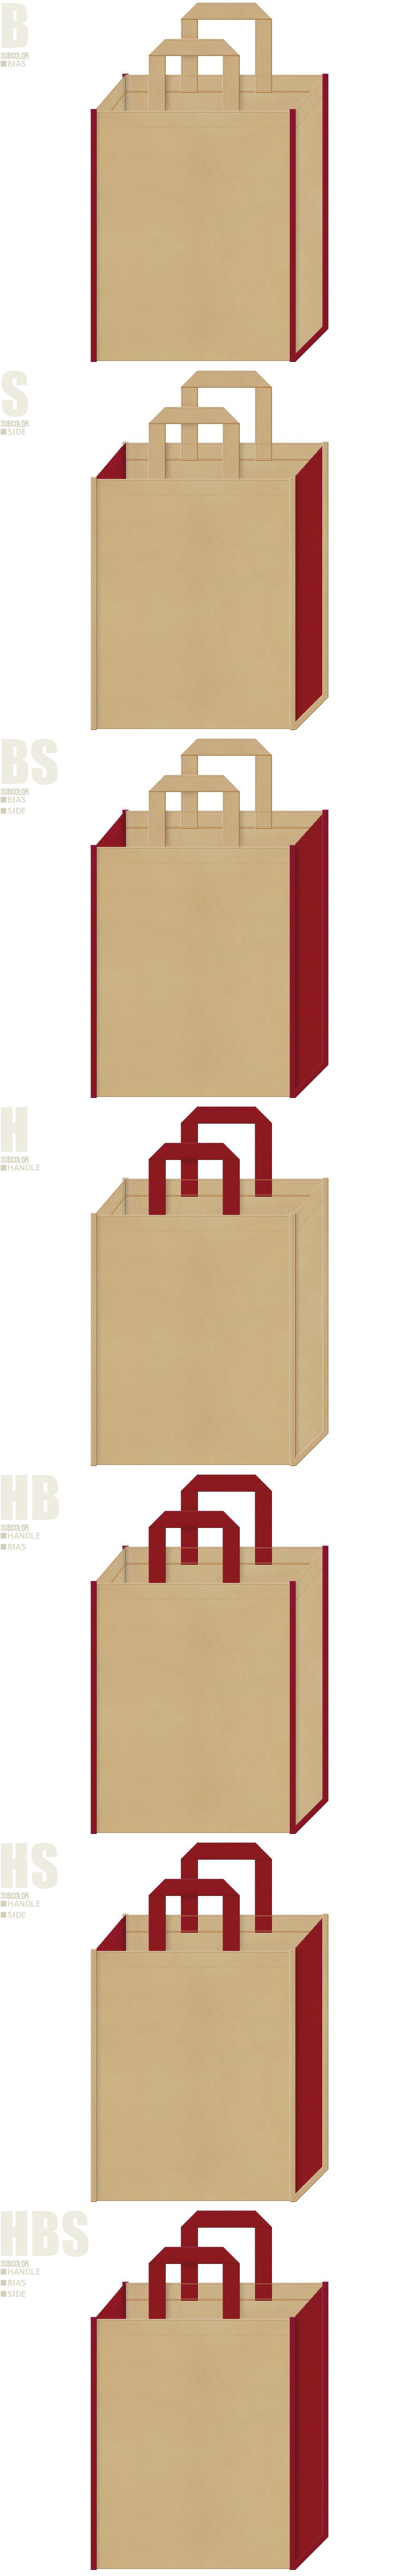 能・浄瑠璃・伝統芸・舞踊・邦楽演奏会・海老せんべい・観光土産のショッピングバッグにお奨めの不織布バッグデザイン:カーキ色とエンジ色の配色7パターン。